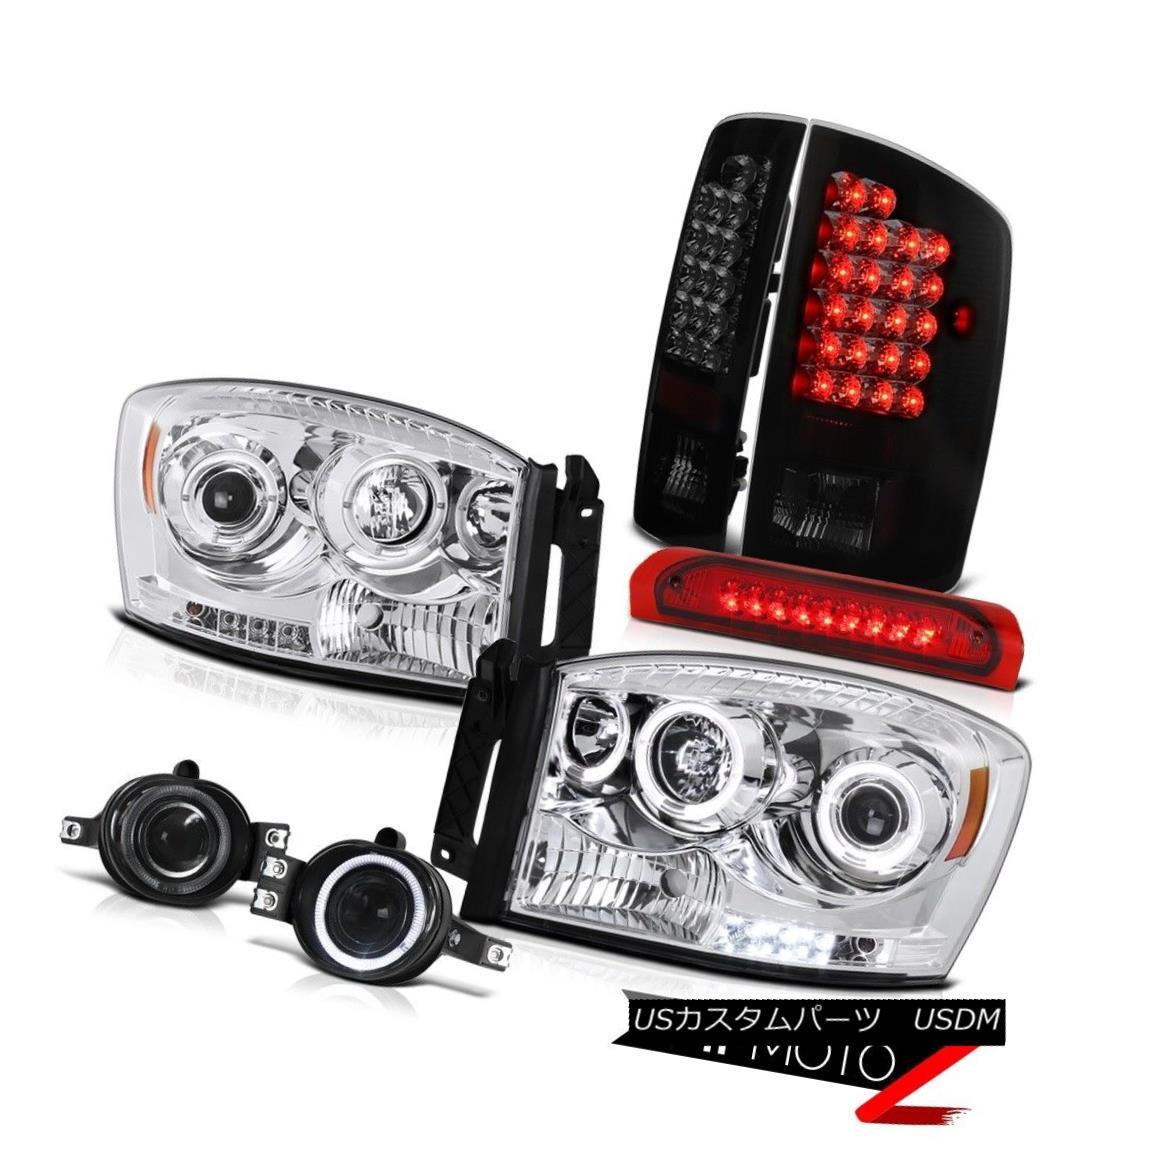 テールライト 06 Dodge Ram Mega Cab Halo Headlight+LED Tail Lamp+3rd Stop Lights+Fog <COOLEST> 06ドッジ・ラム・メガ・キャブ・ハローヘッドライト+ LEDテールランプ+第3ストップライト+フォグ&lt; COOLEST&gt;